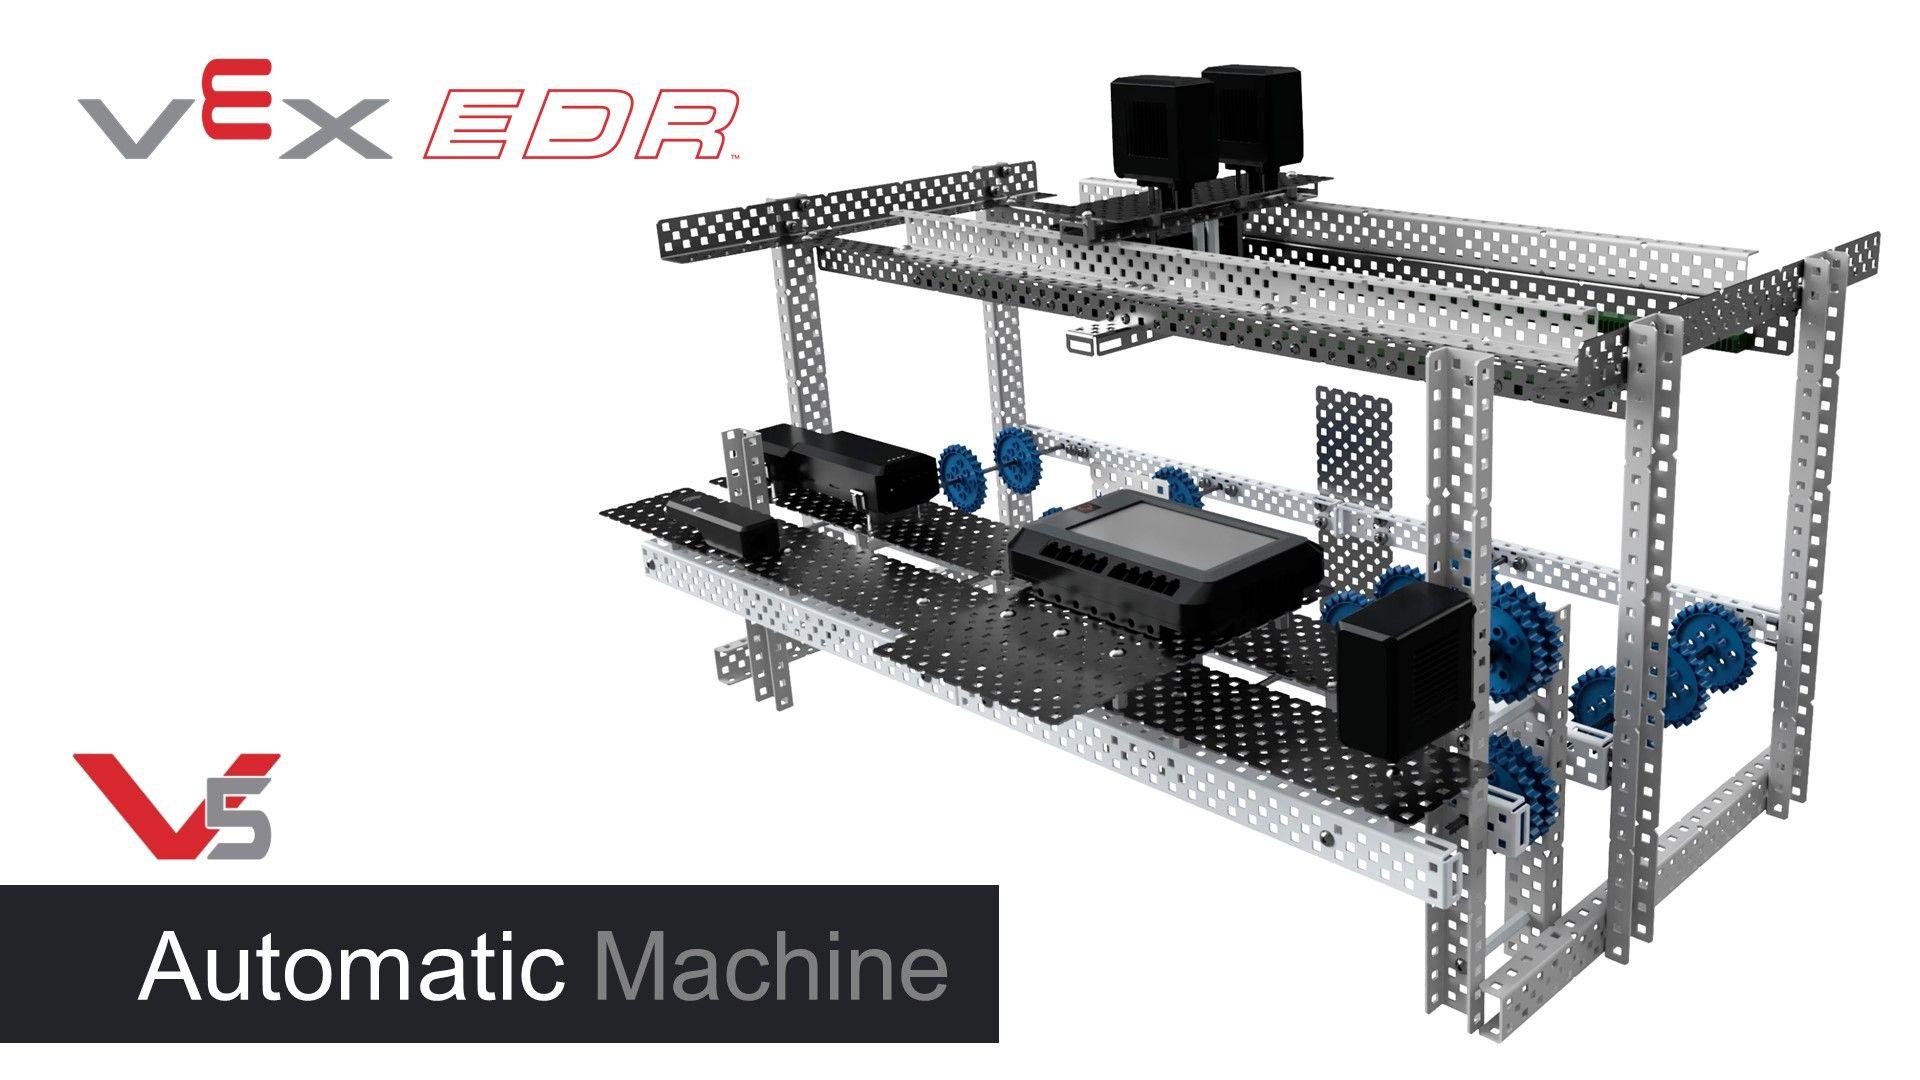 V5-vex-robotics-projeto-lcs-fabrica-de-nerdes-3500-3500